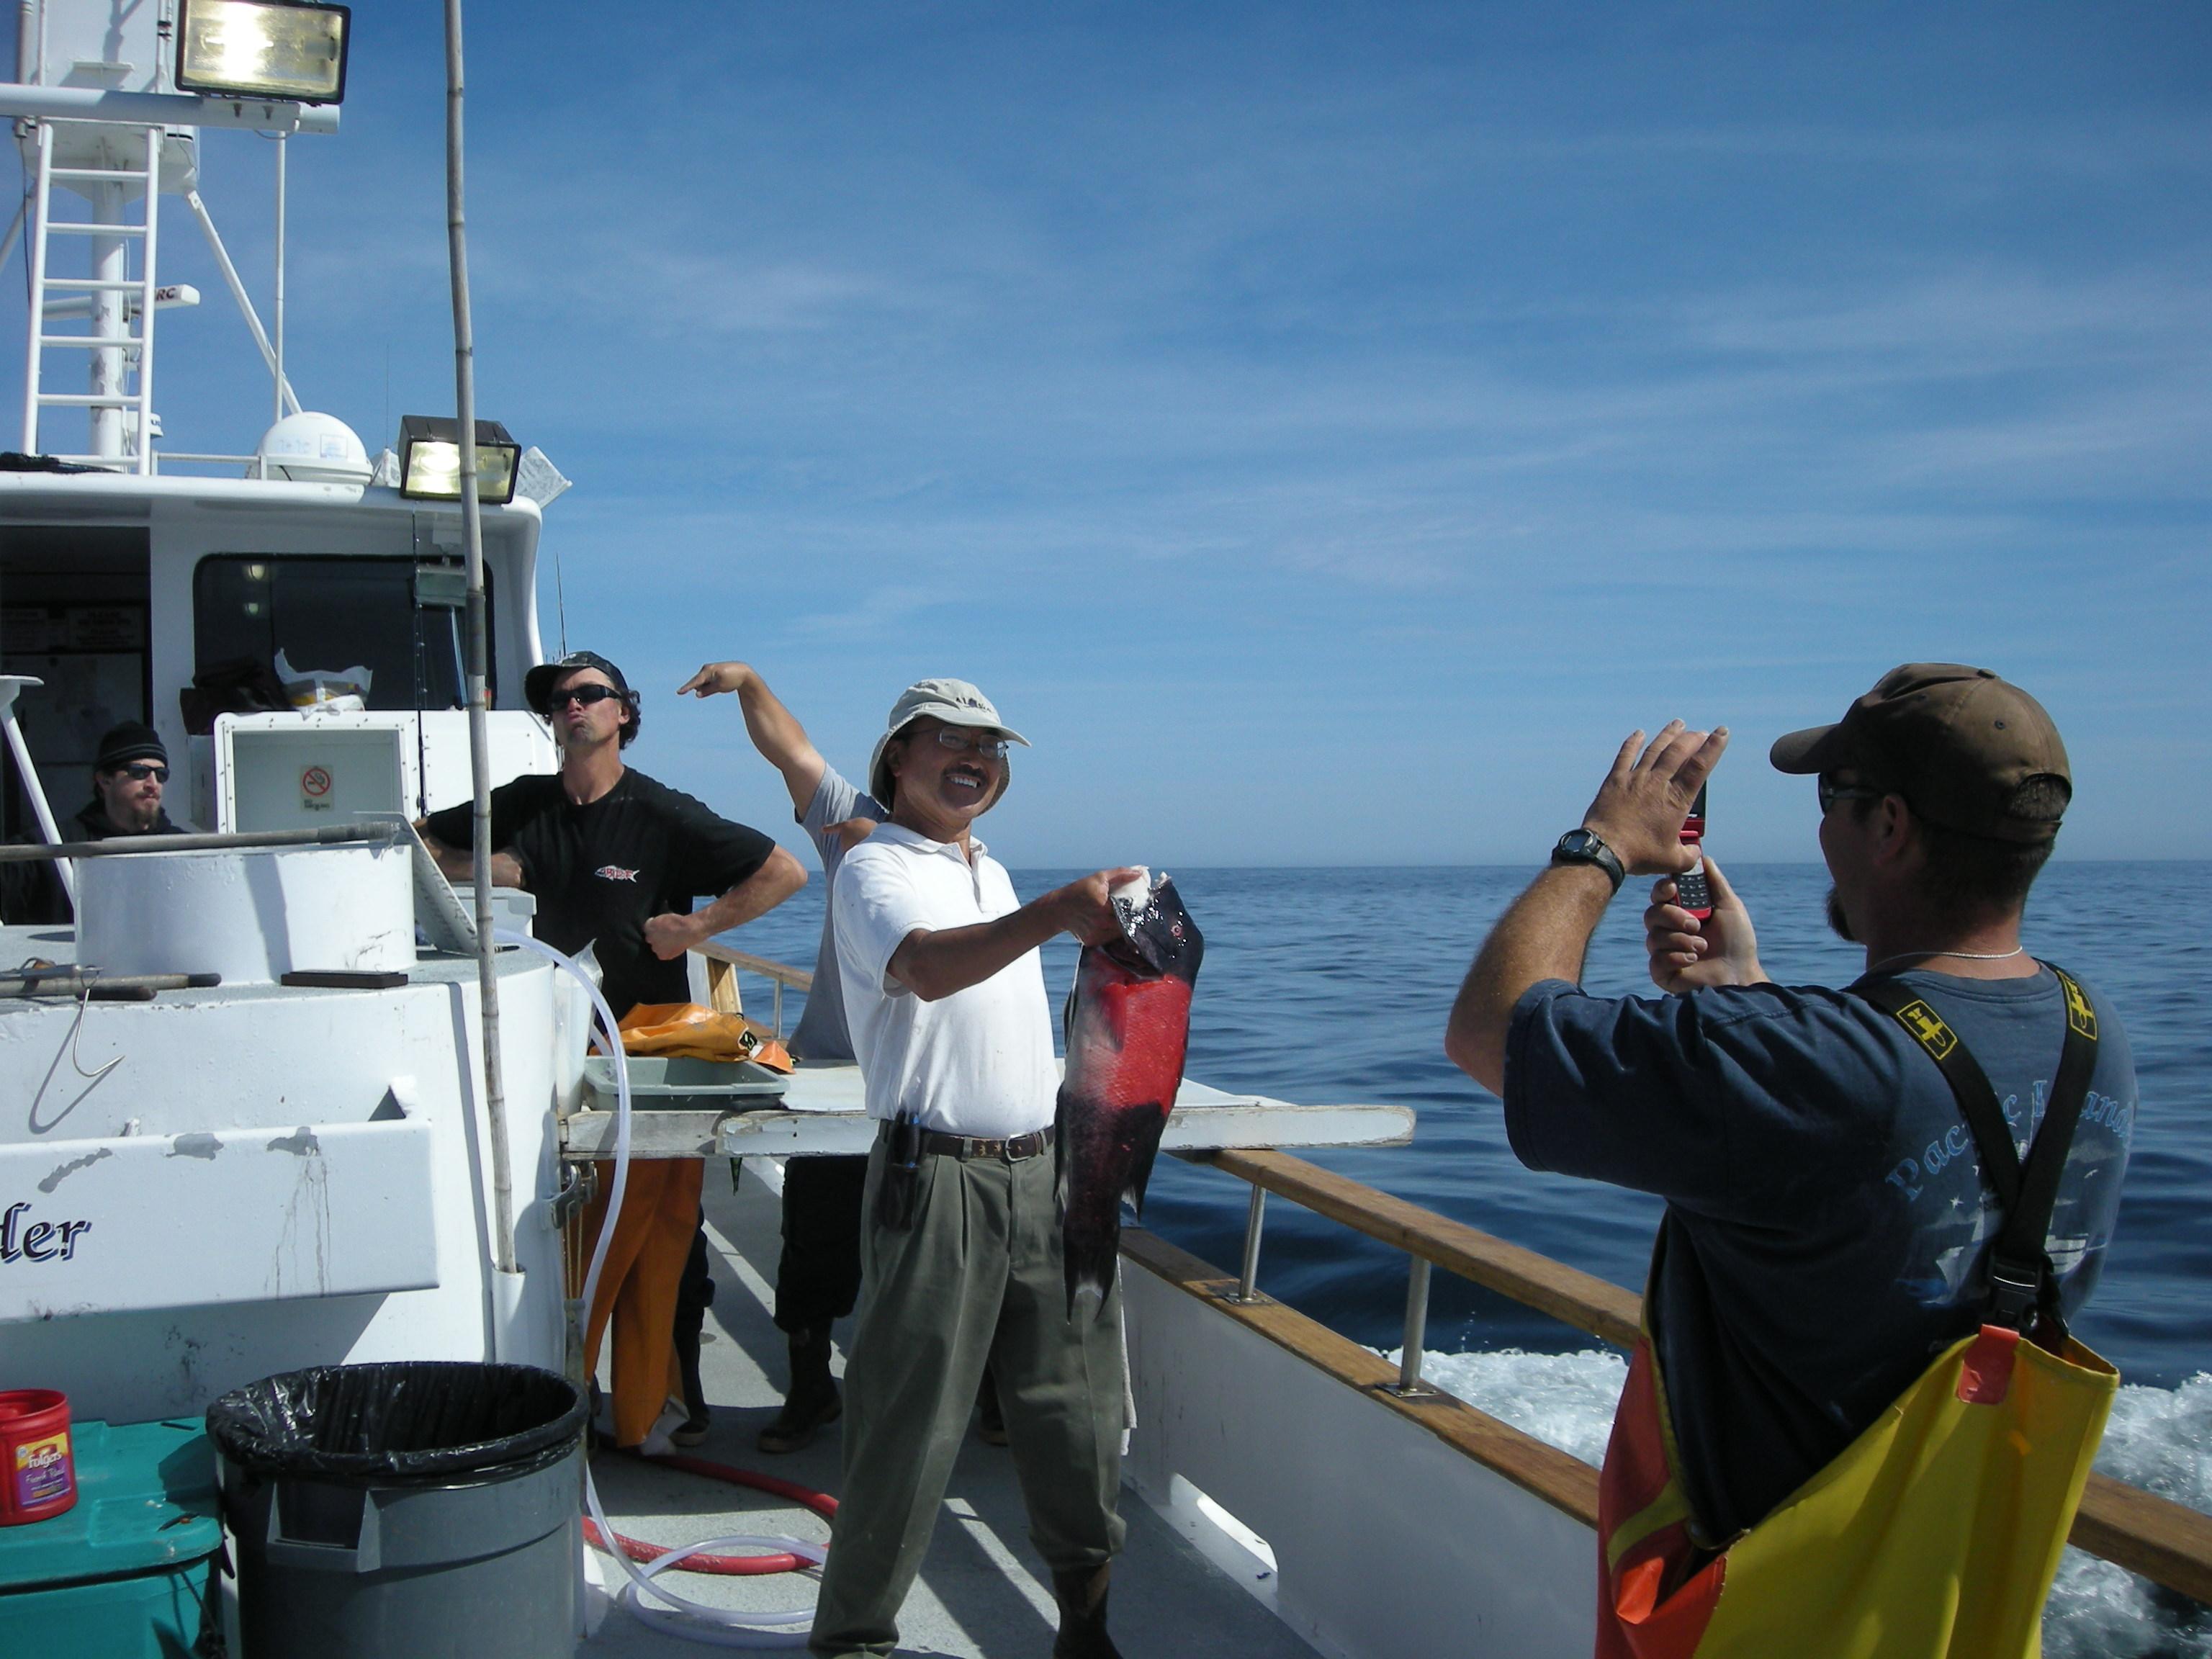 Trip Report: Pacific Islander (Saturday, March 5th ... - photo#37